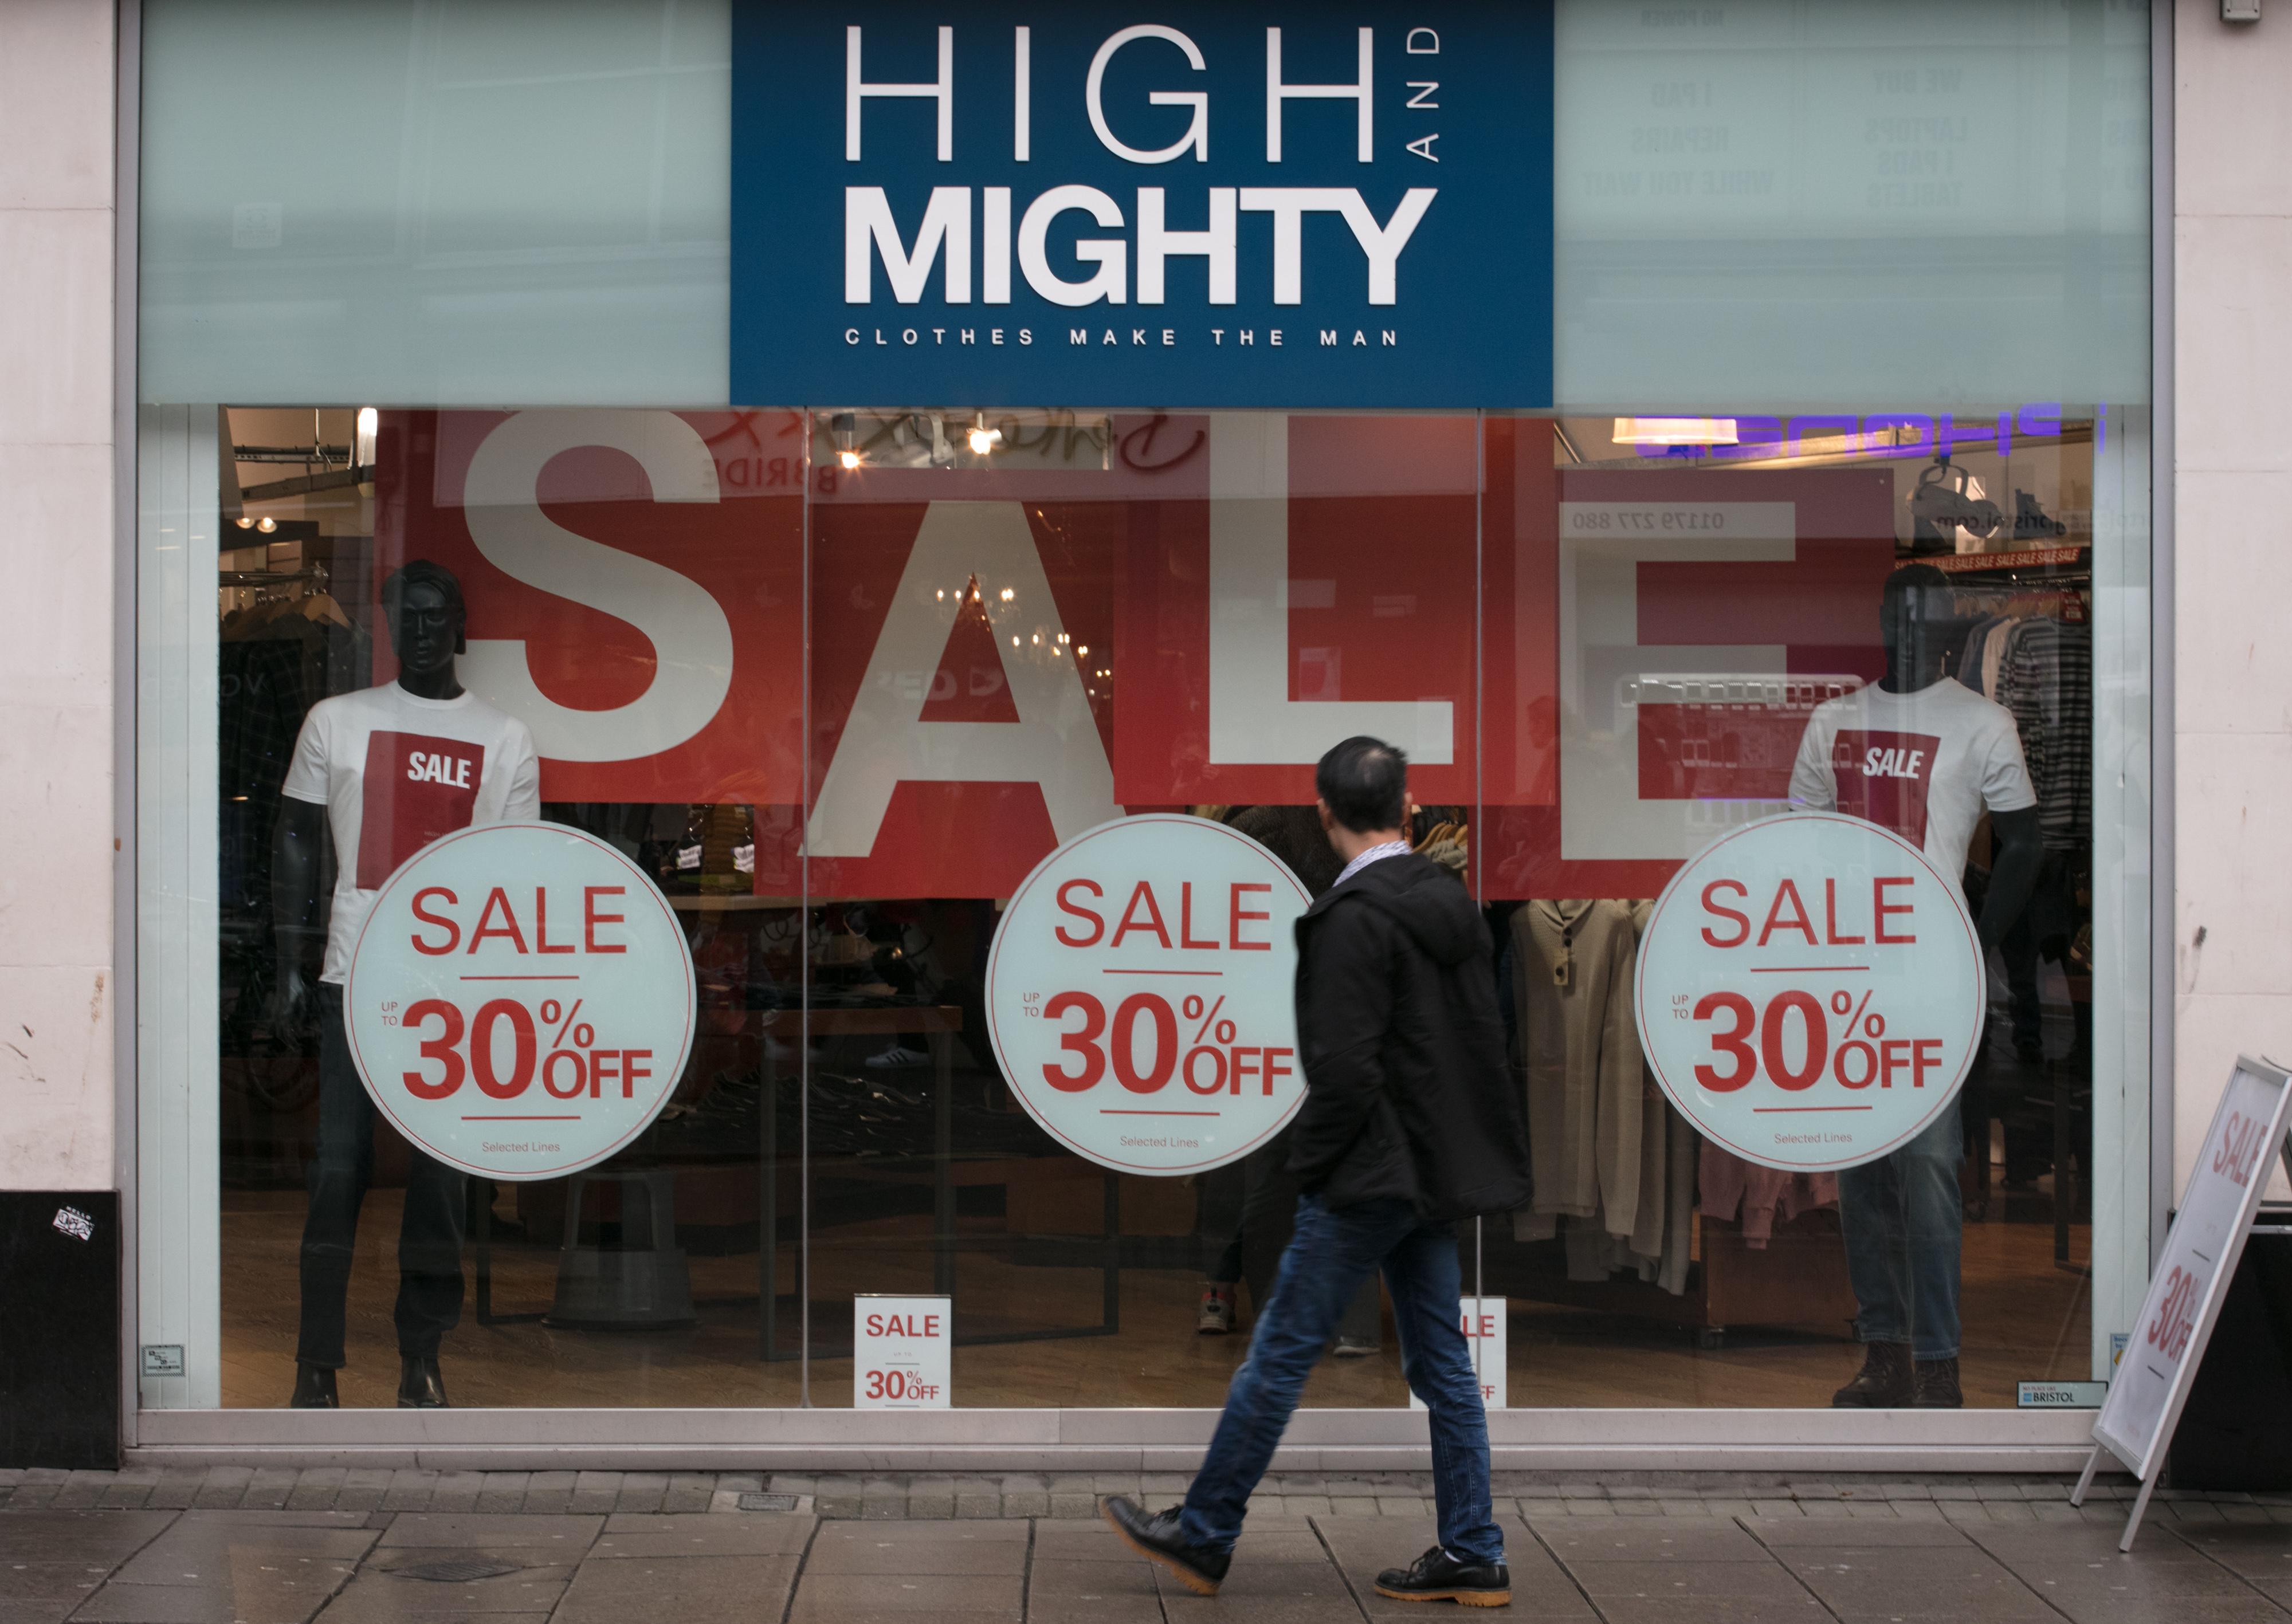 <p><strong>Пазарувайте онлайн </strong></p>  <p>Онлайн пазаруването на коледни подаръци е чудесно по две причини: Избягвате тълпите и се предпазвате от купуване на ненужни неща.</p>